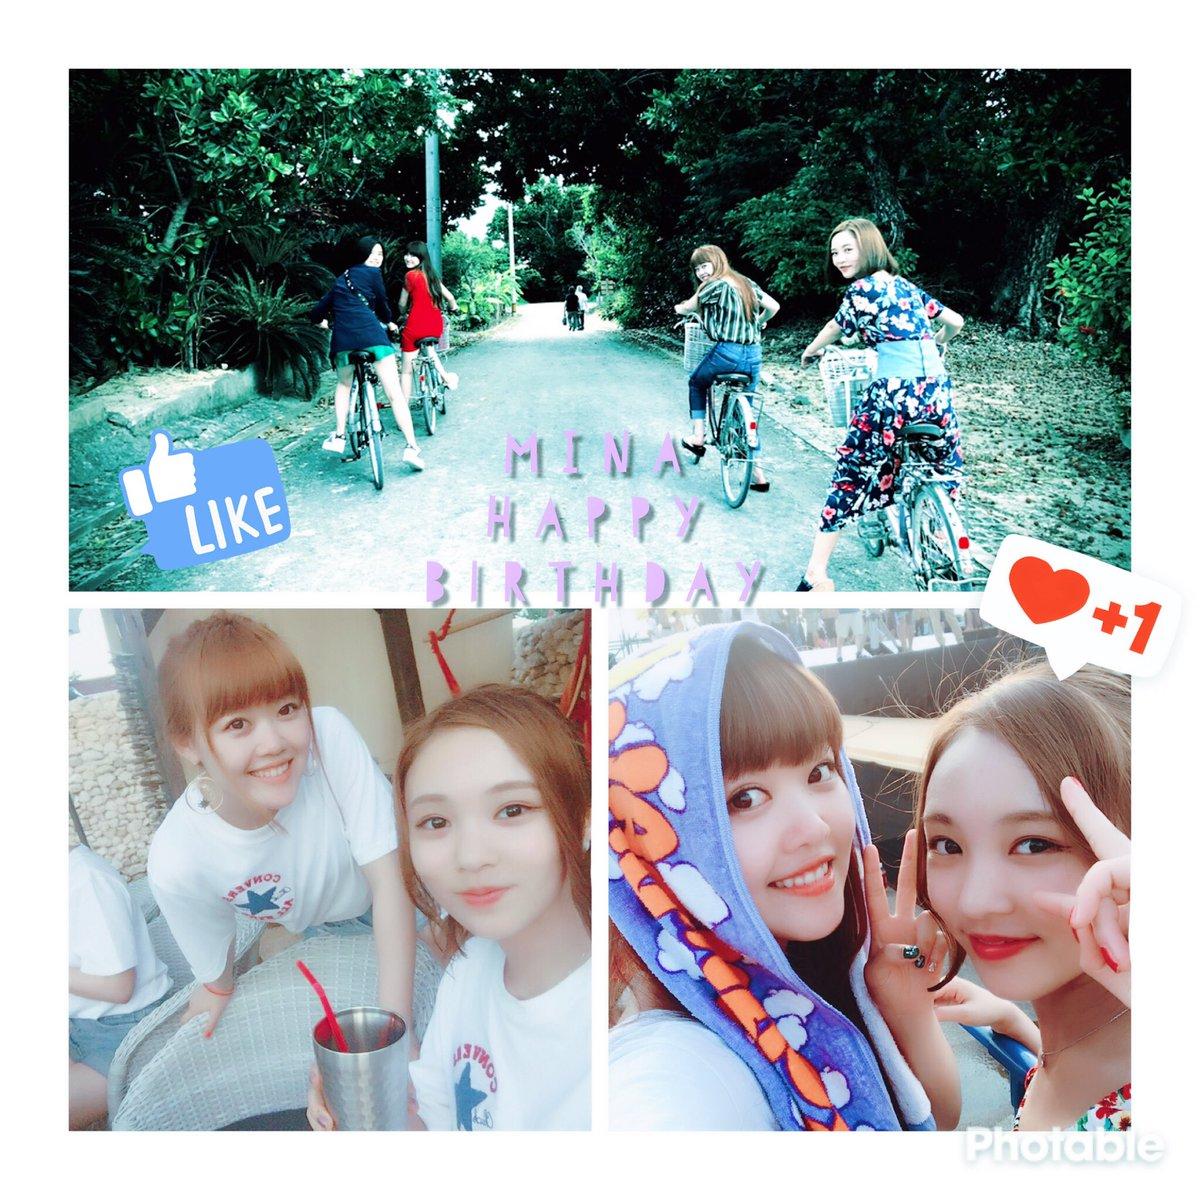 Happy Birthday MINA🎂🎂🎂17歳かー!セブンティーンやな✨これからもガルフレのベーシストととしてよろし